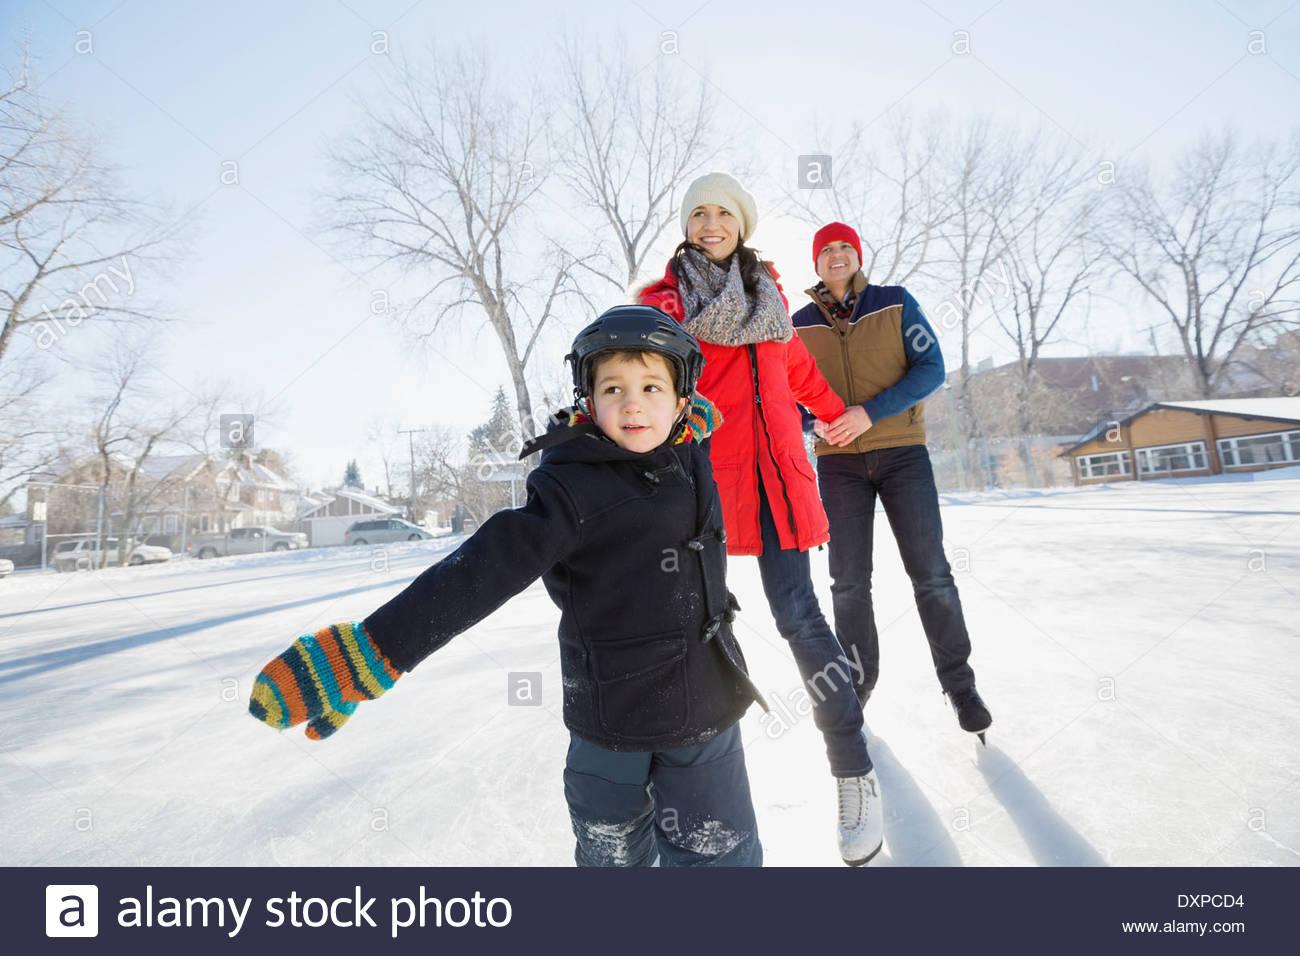 Chico de patinaje sobre hielo al aire libre con los padres sobre hielo Imagen De Stock